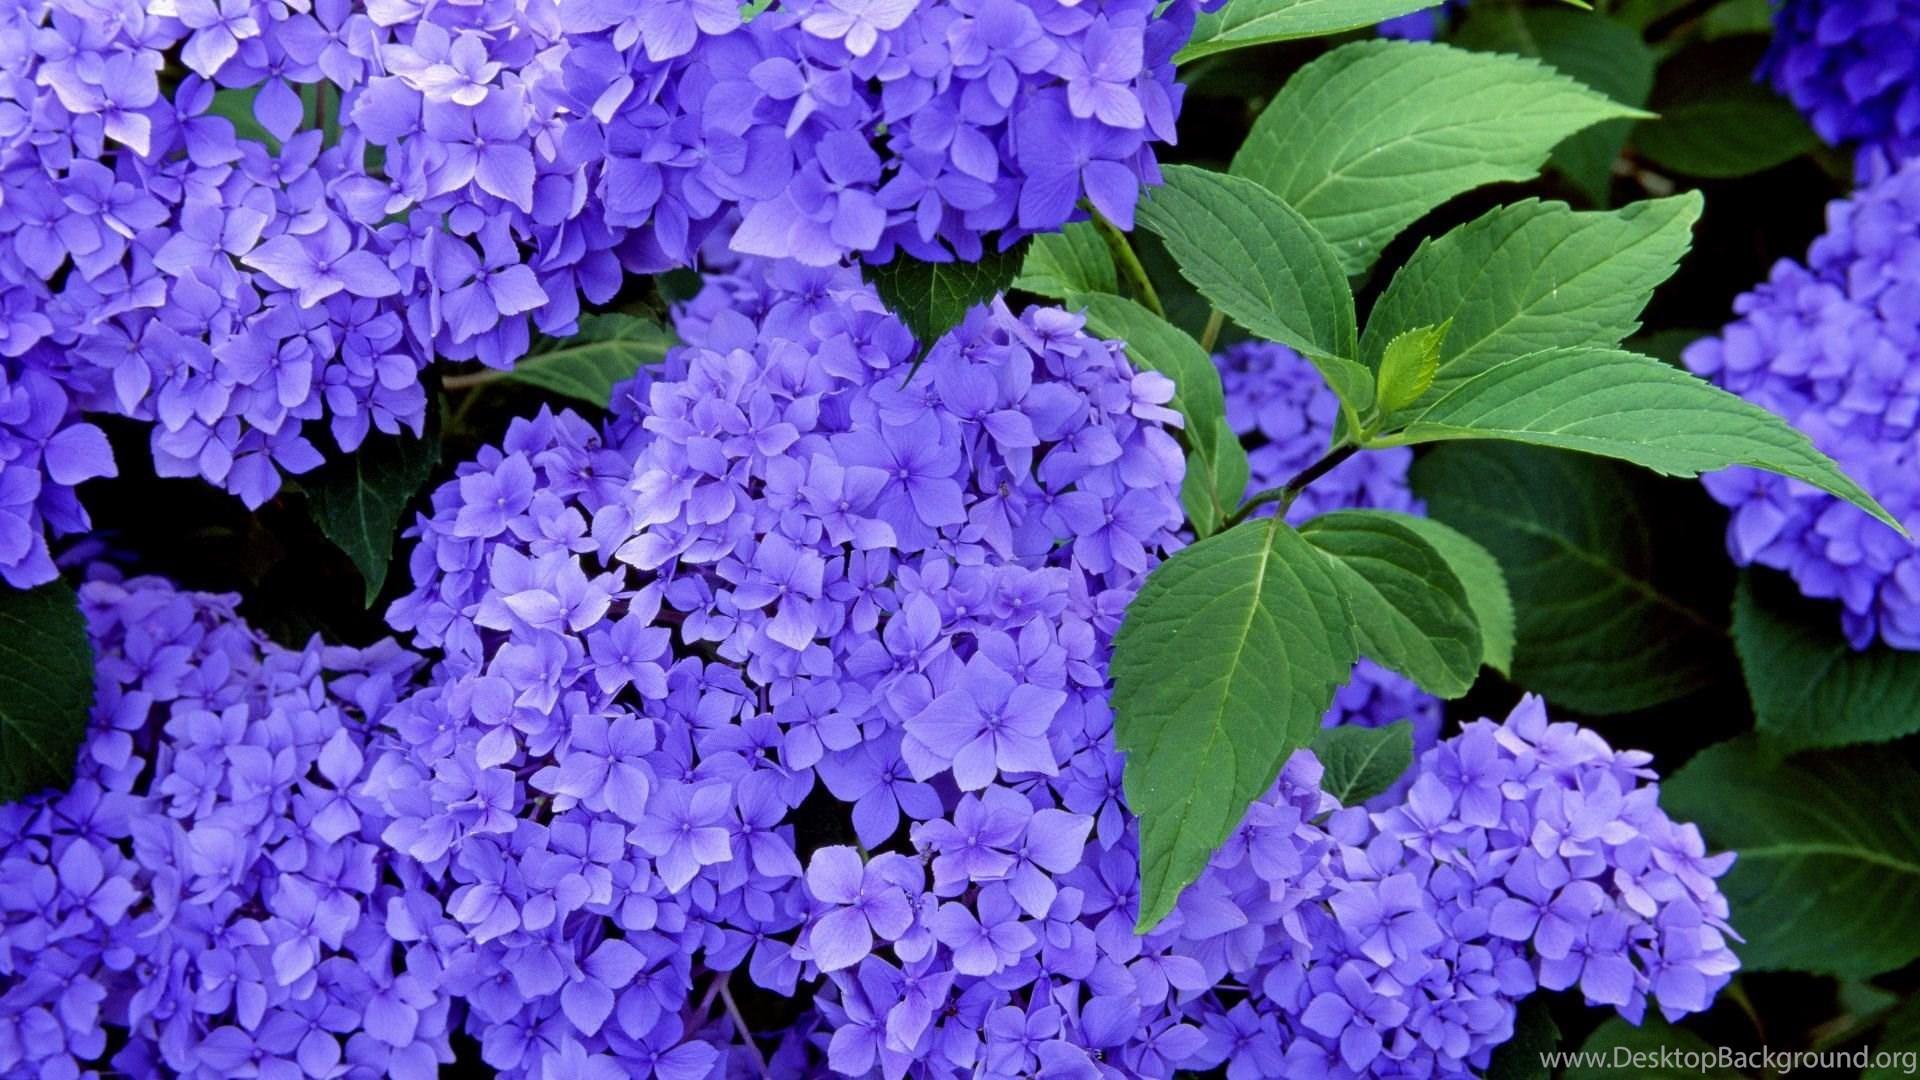 Hydrangea desktop wallpapers beautiful flowers pictures desktop popular izmirmasajfo